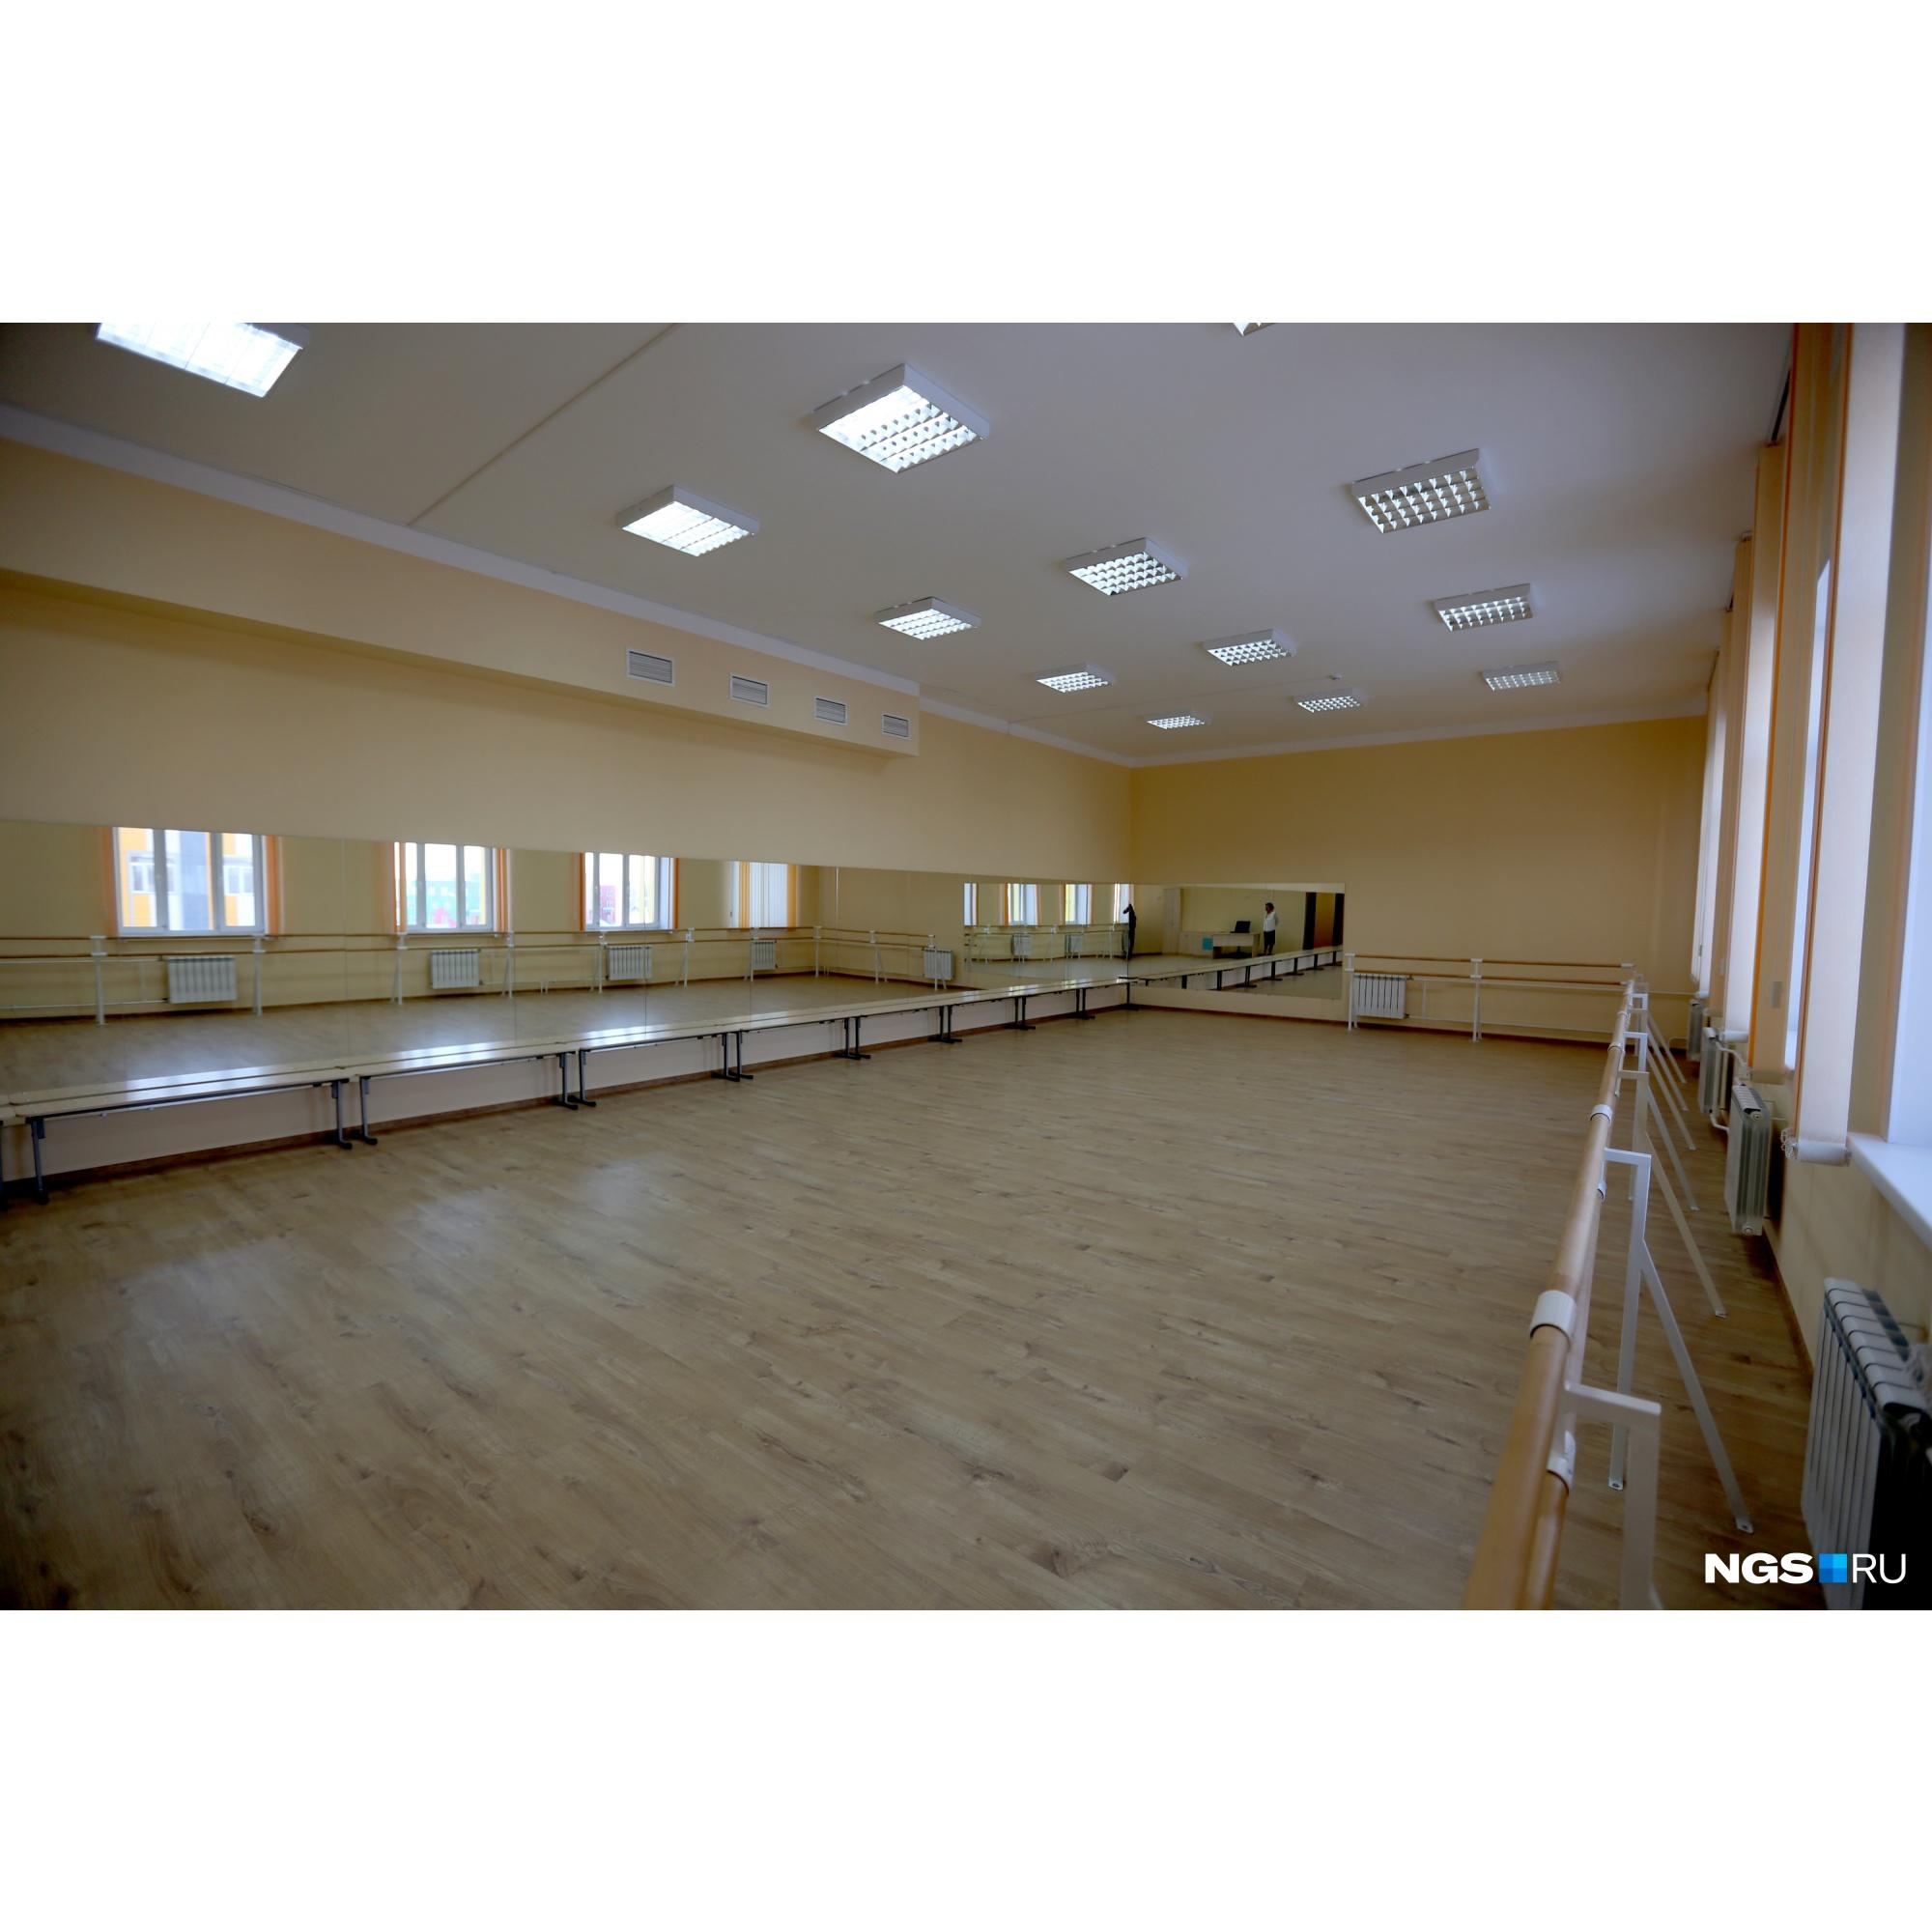 Для детей оборудовали хореографический зал